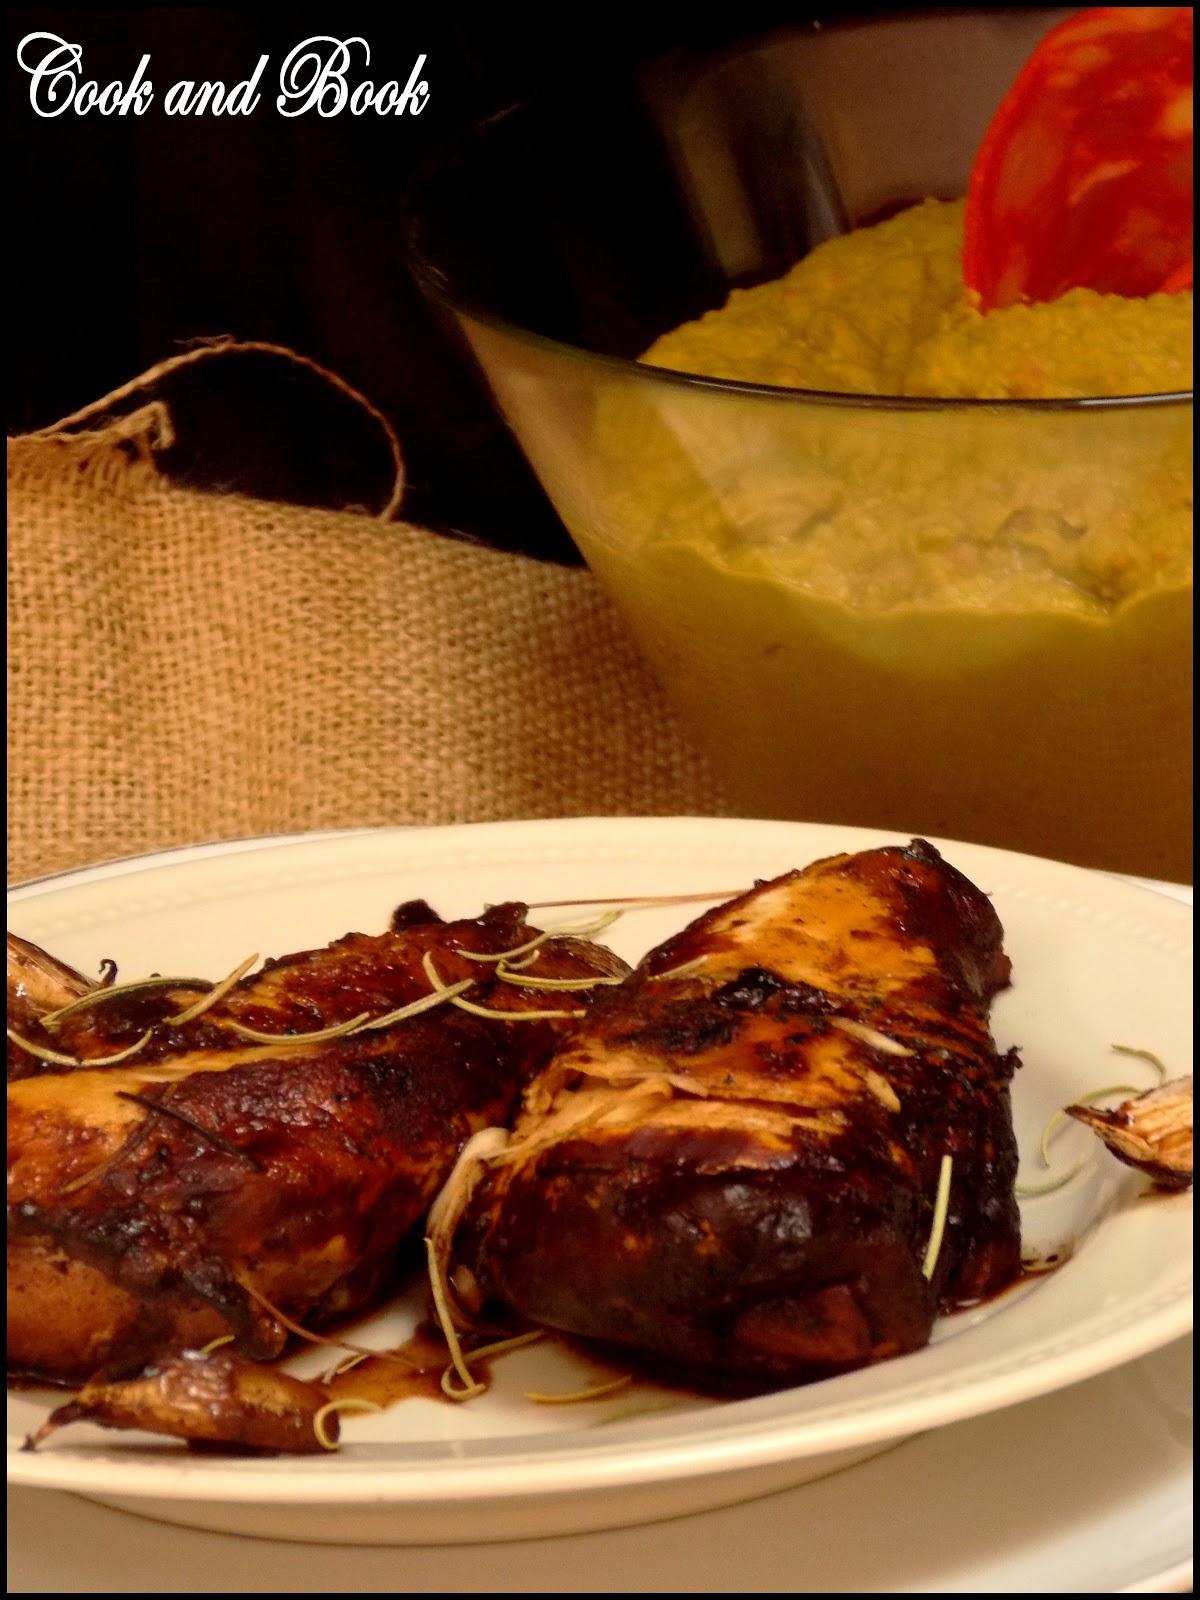 Cook and Book: Blancs de poulet au vinaigre balsamique et au romarin